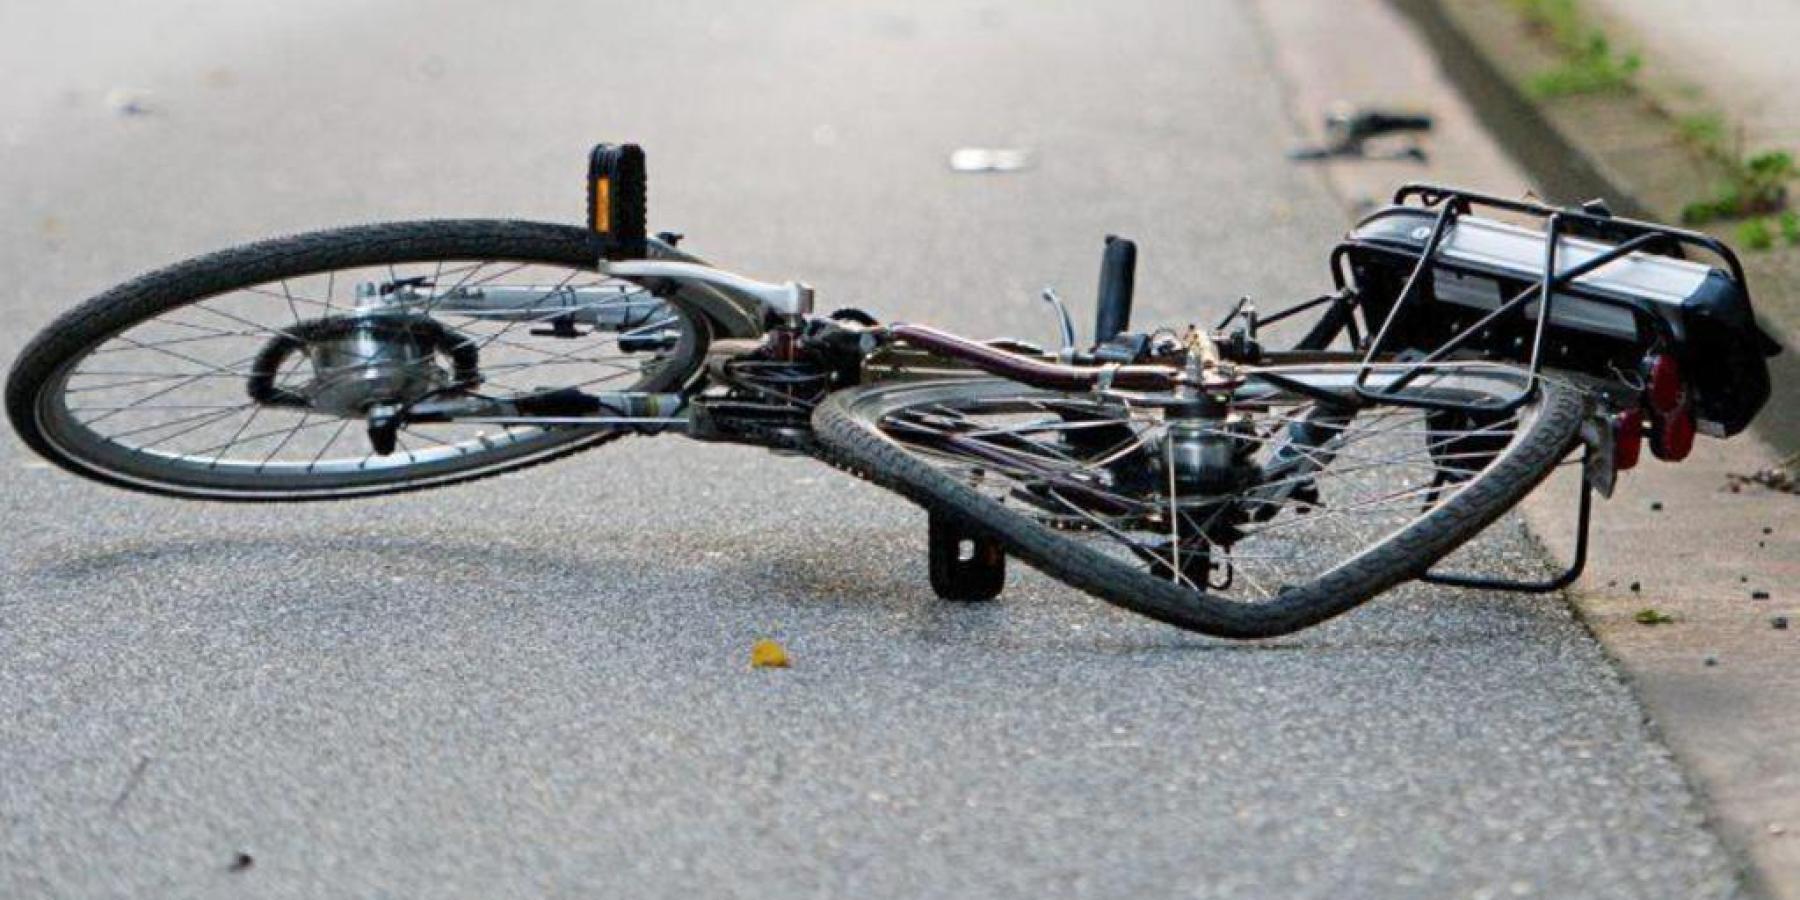 Pedelec-Fahrer in Albachten schwer verletzt